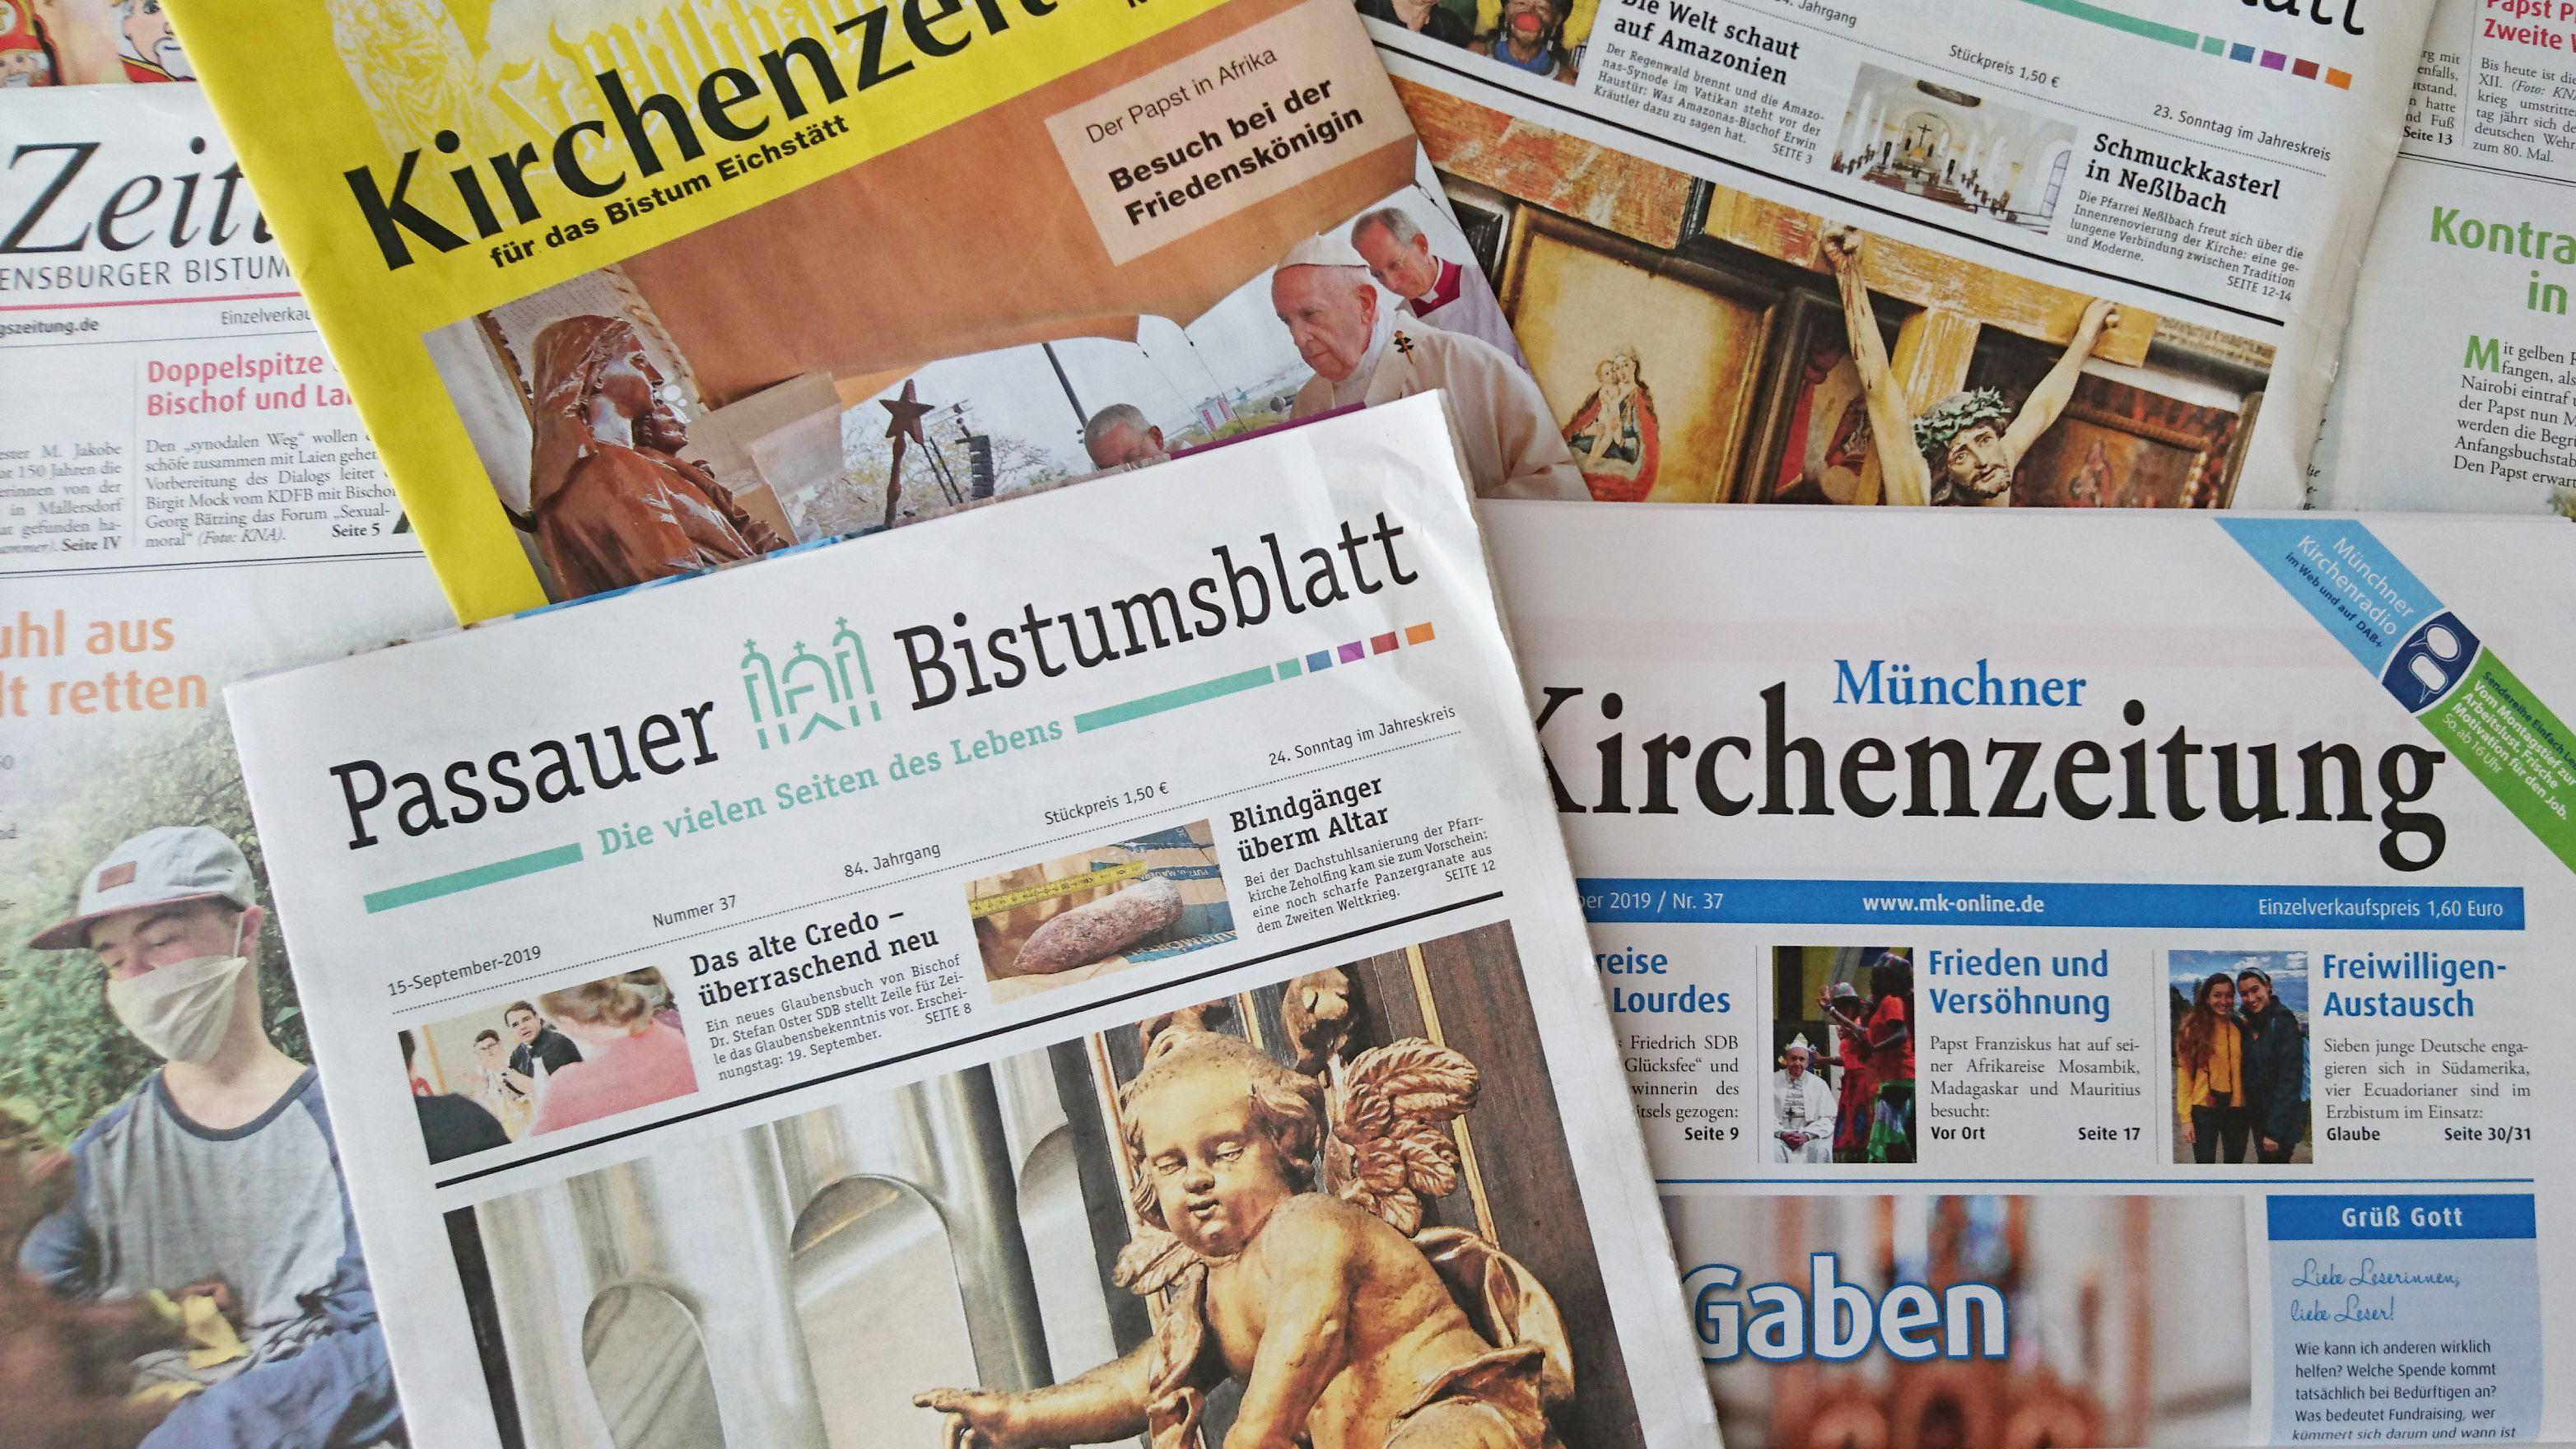 Bayerische Kirchenzeitungen liegen auf- und nebeneinander: Titelseiten der Münchner Kirchenzeitung, des Passauer BIstumsblatts, der Kirchenzeitung für das Bistum Eichstätt und der Regensburger Sonntagszeitung.